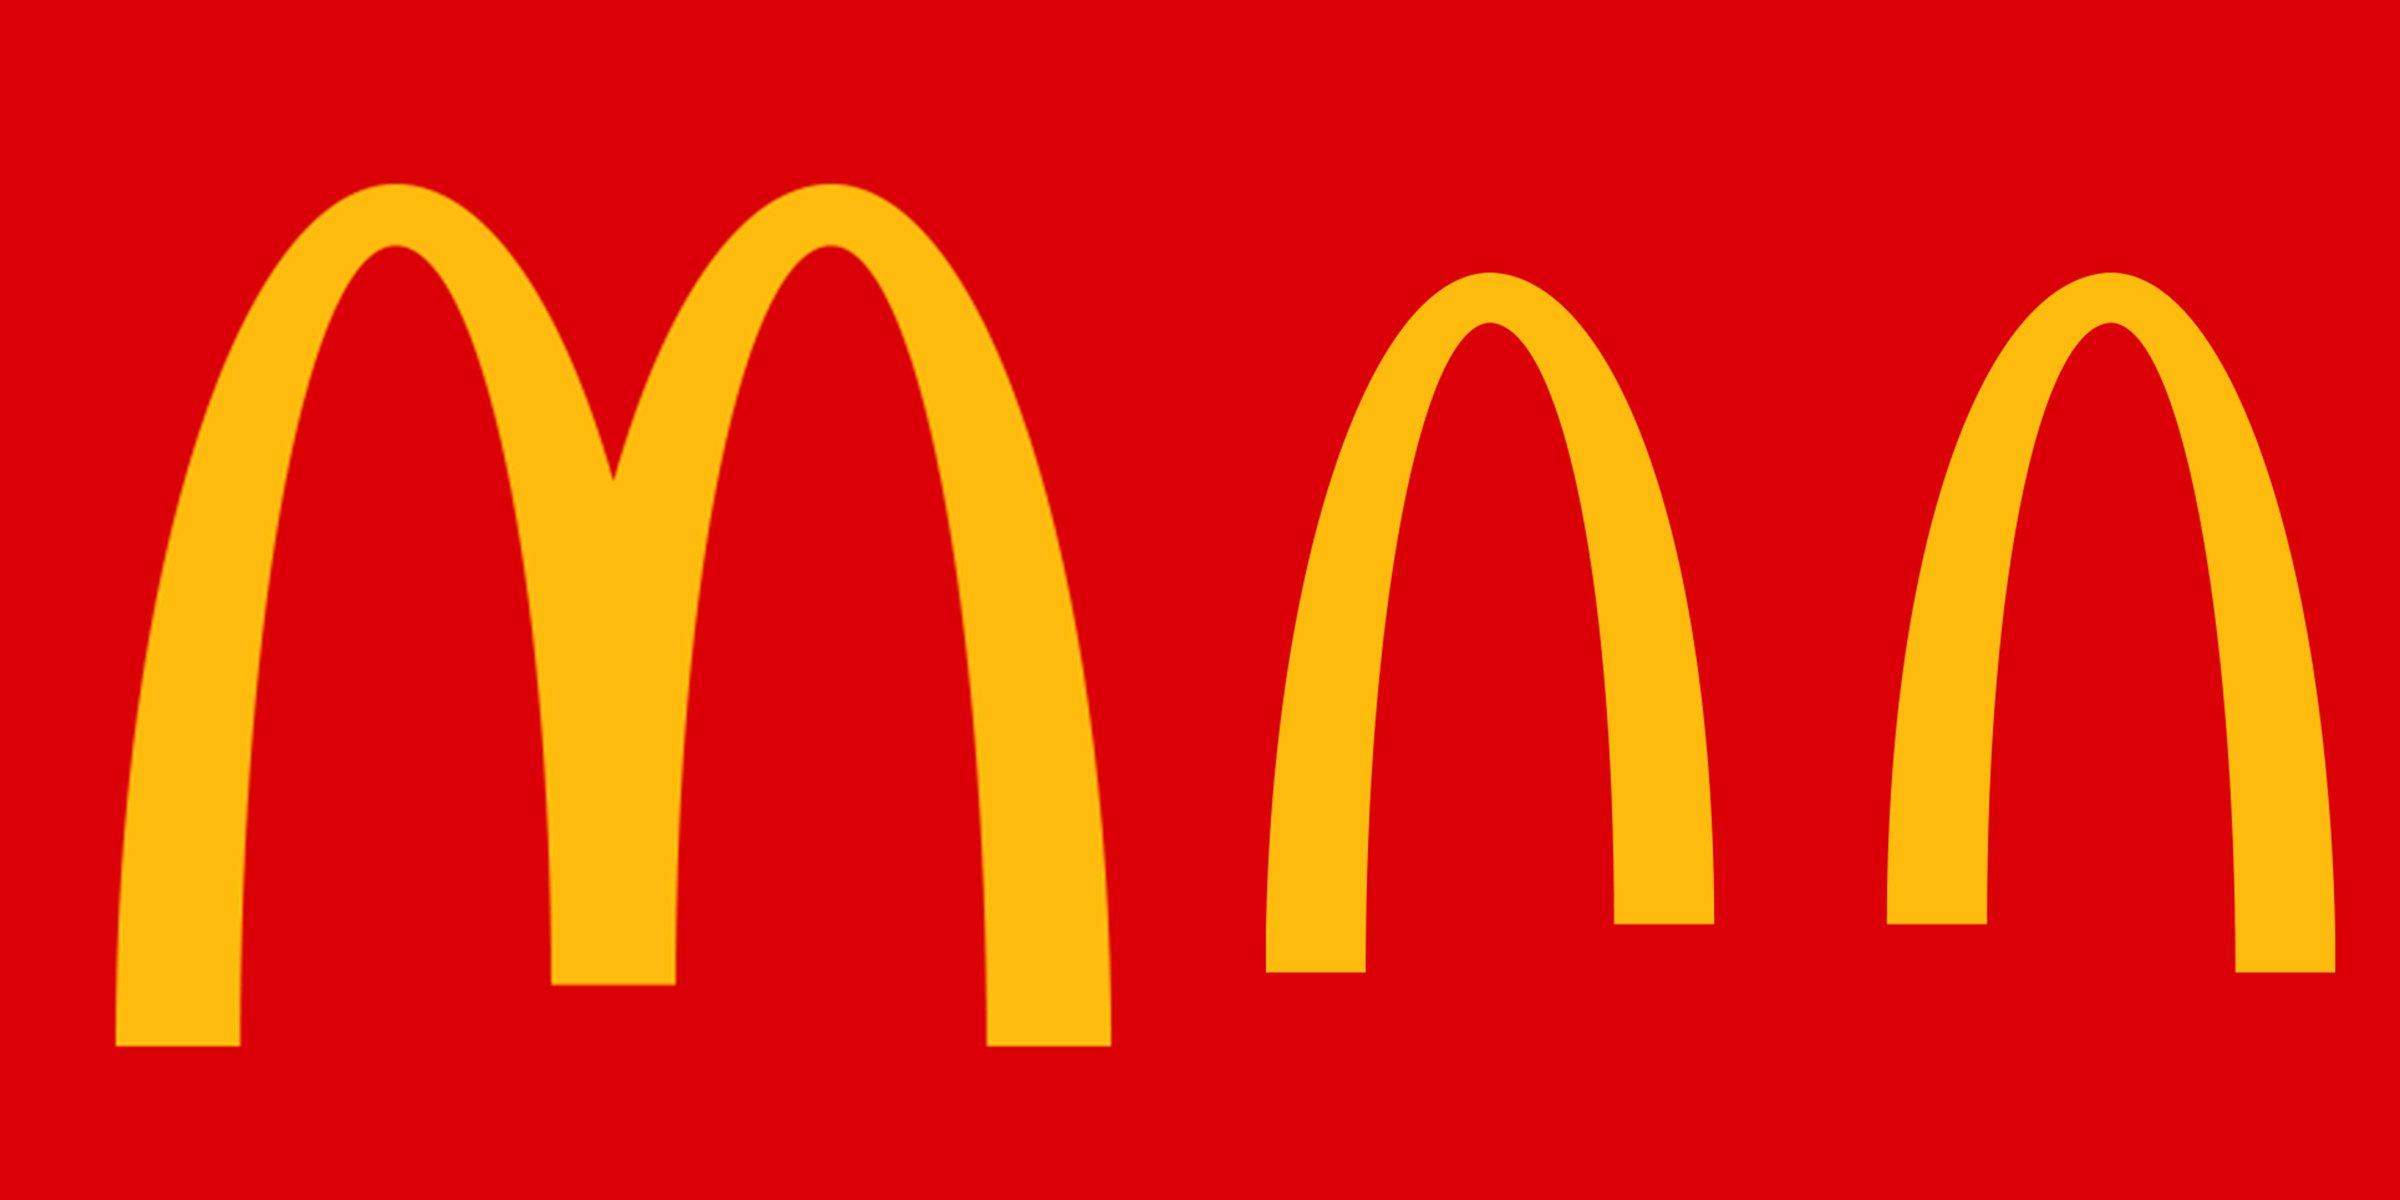 Mcdonalds Coronavirus Logo